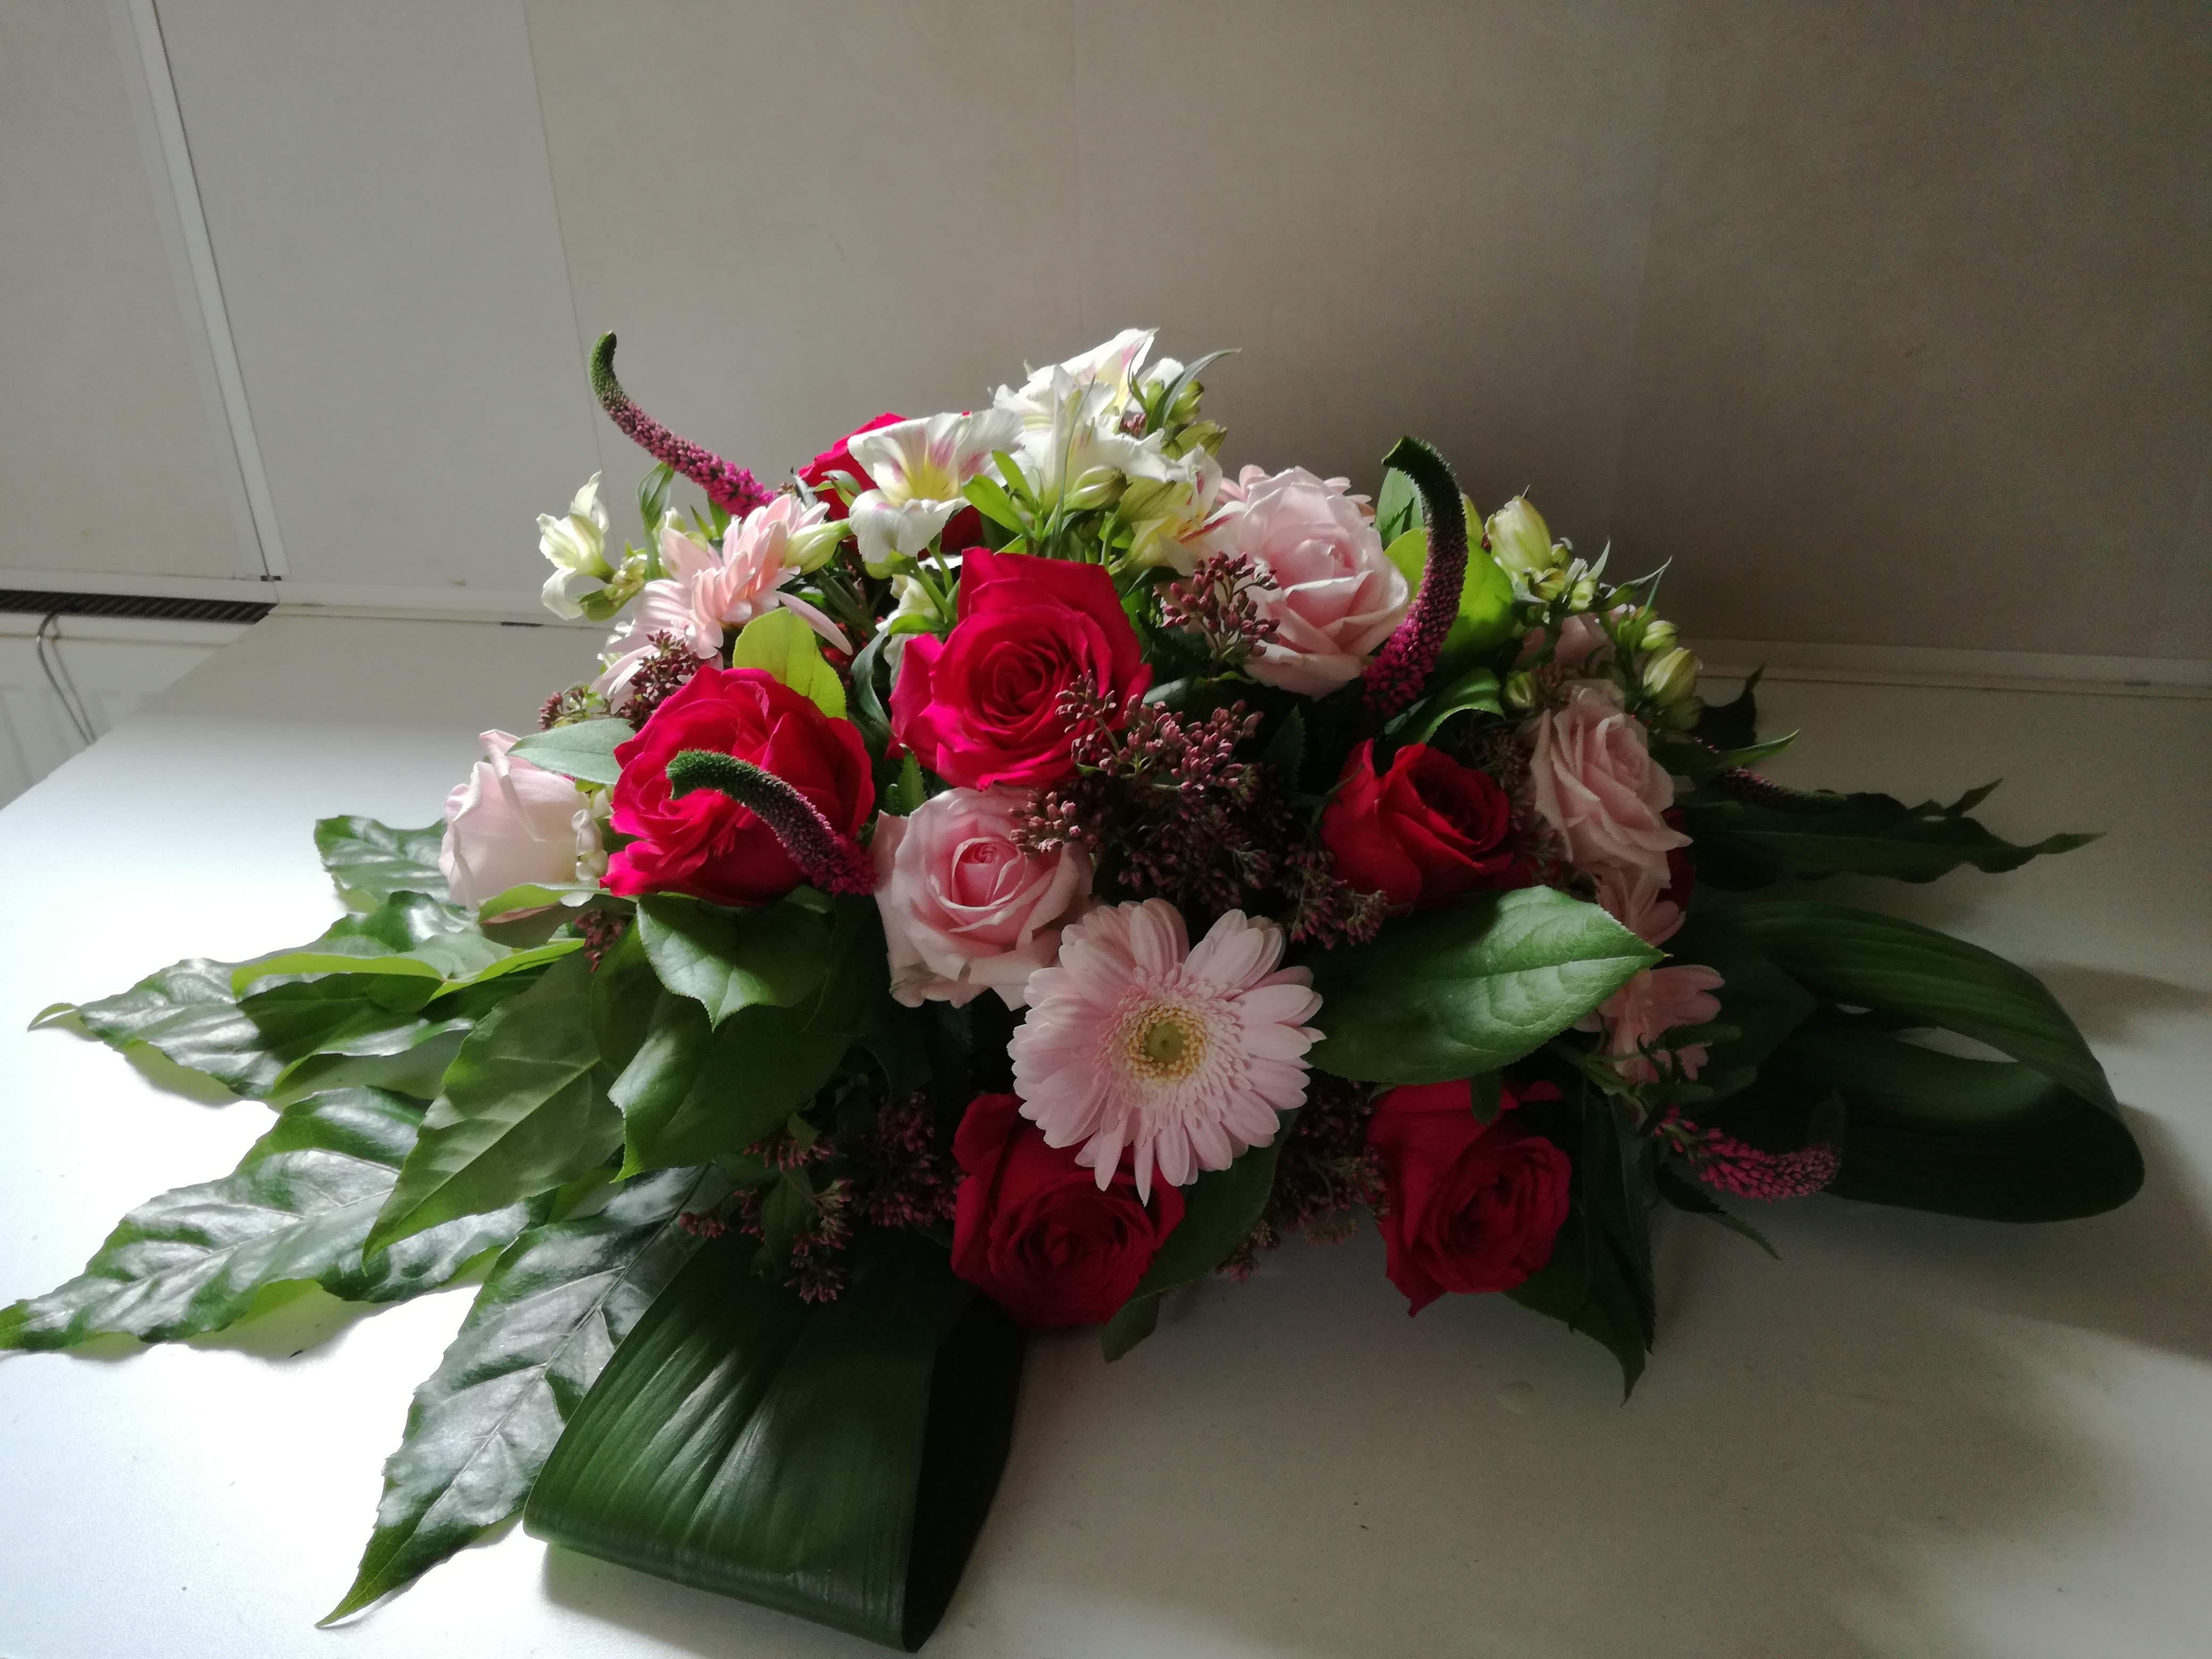 Bloemen, rouwstuk, , familie, bloemschikken, samen, bloemen